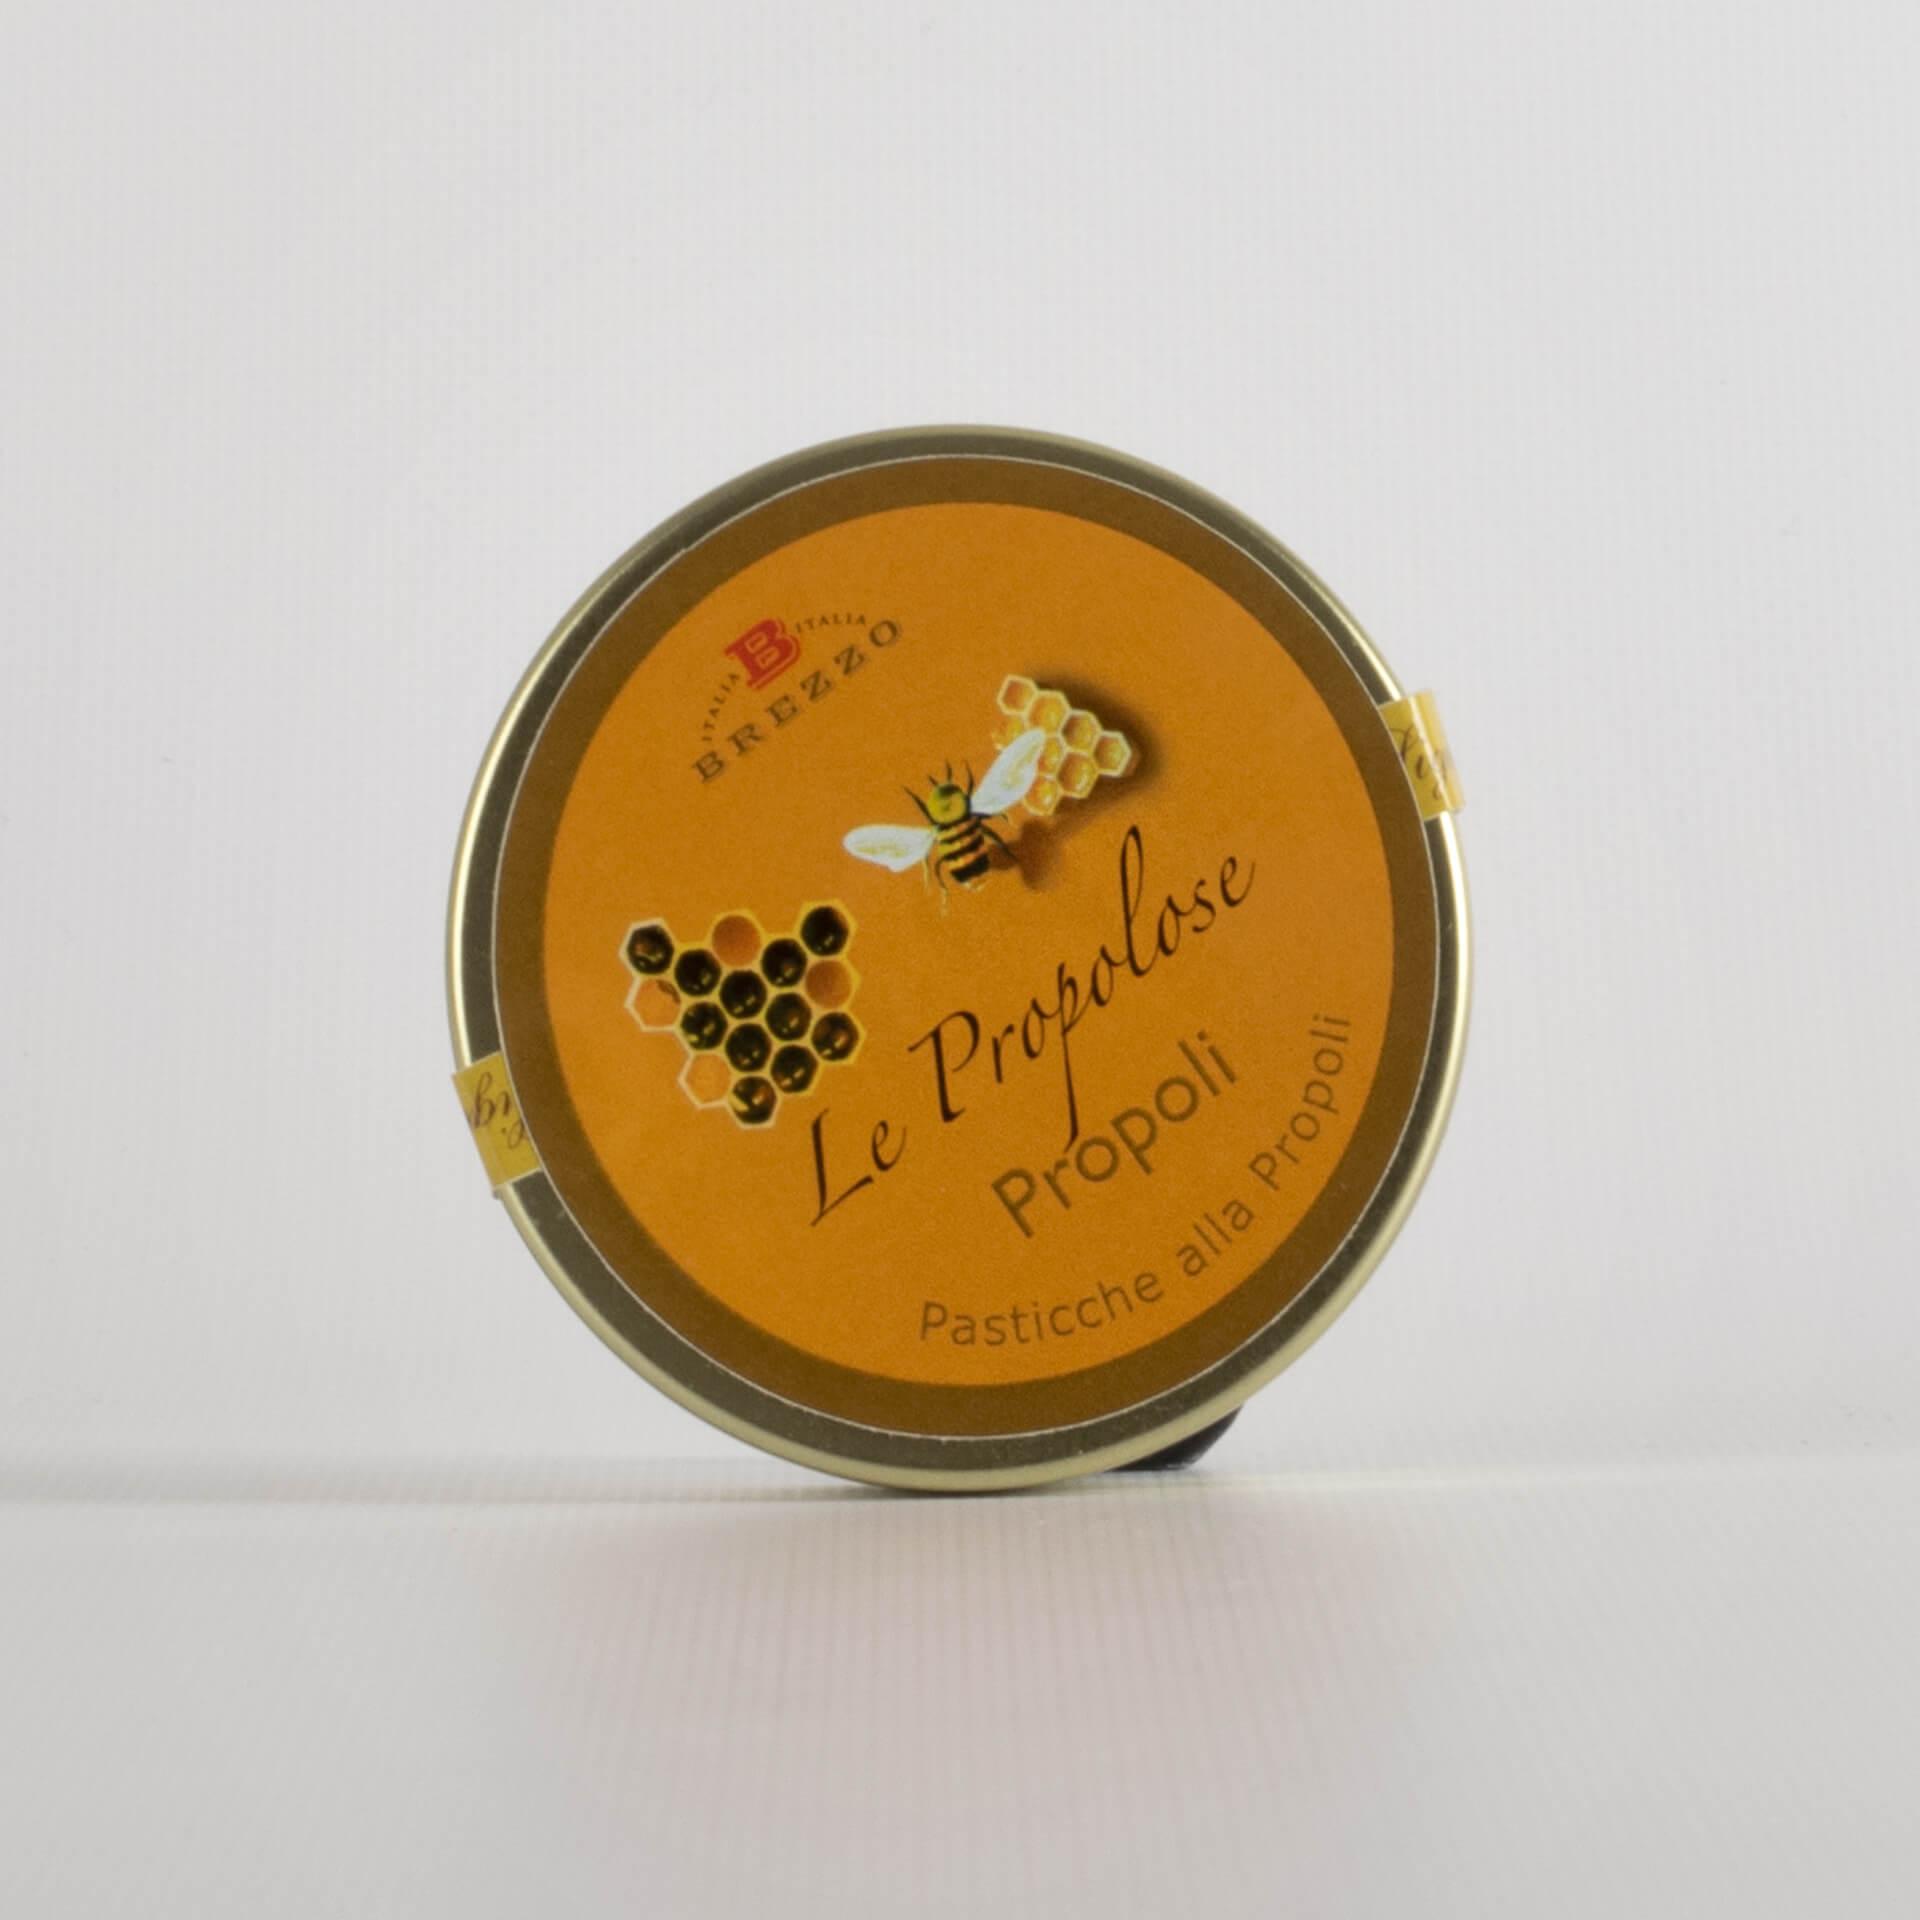 Pastiglie Propoli 35 gr